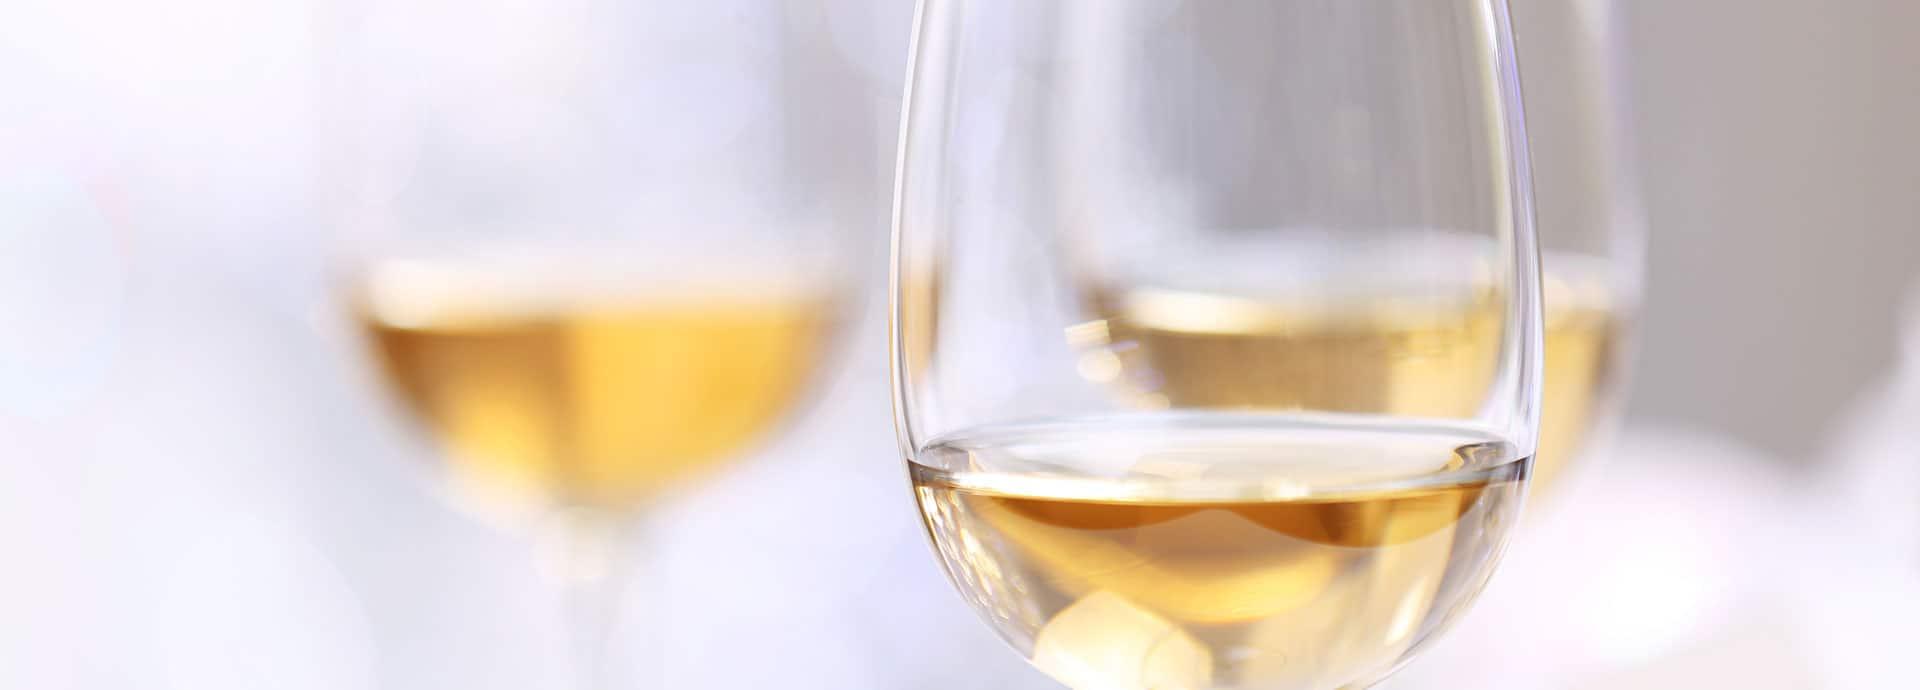 header vini bianchi